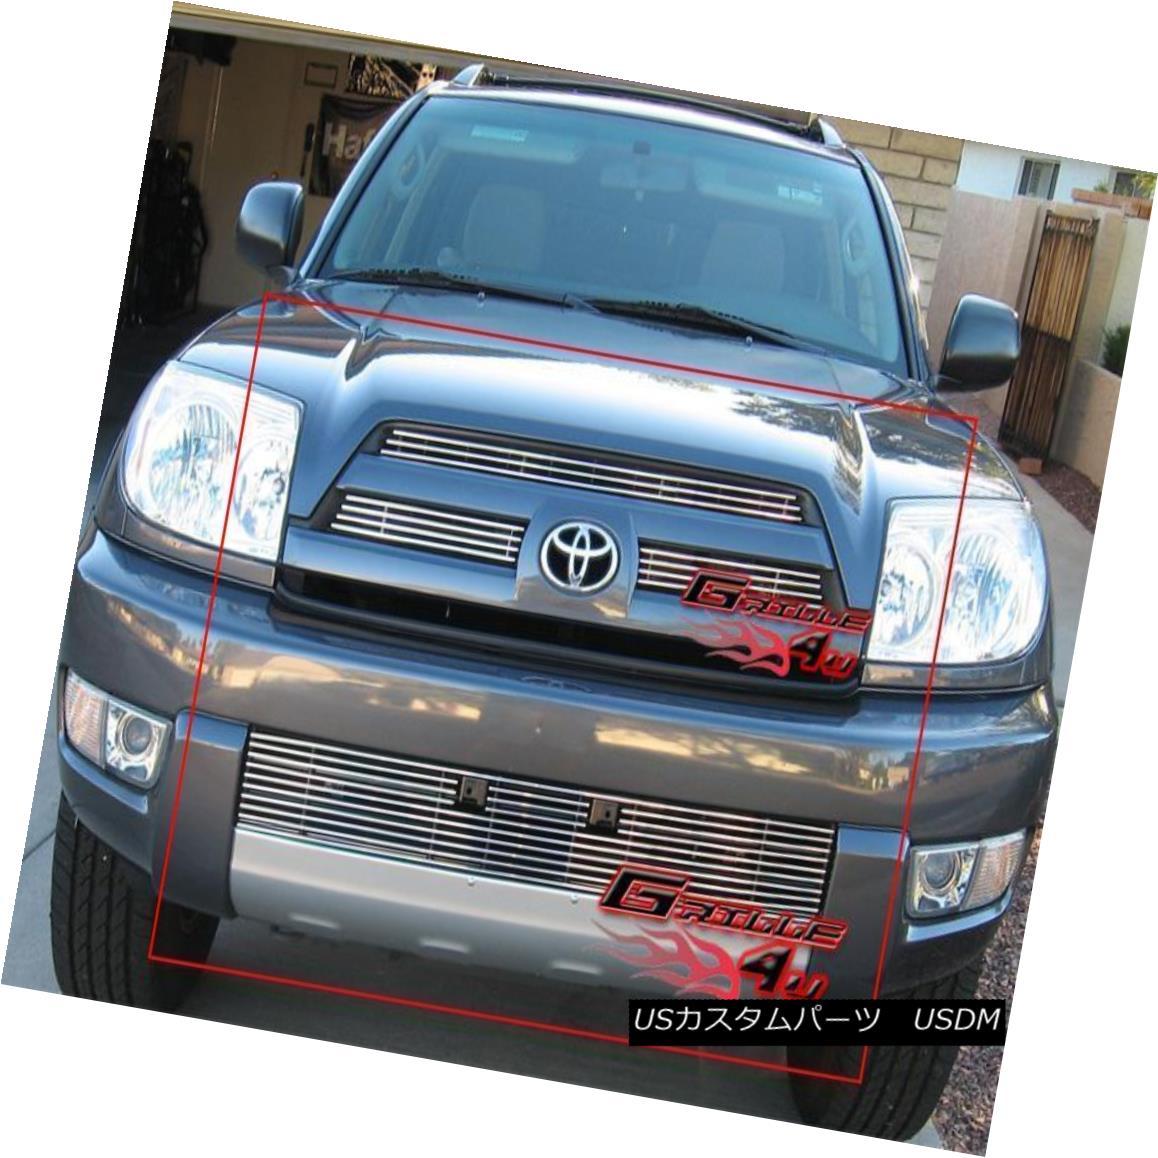 グリル Fits 2003-2005 Toyota 4Runner Billet Grille Combo 2003-2005トヨタ4Runnerビレットグリルコンボフィット